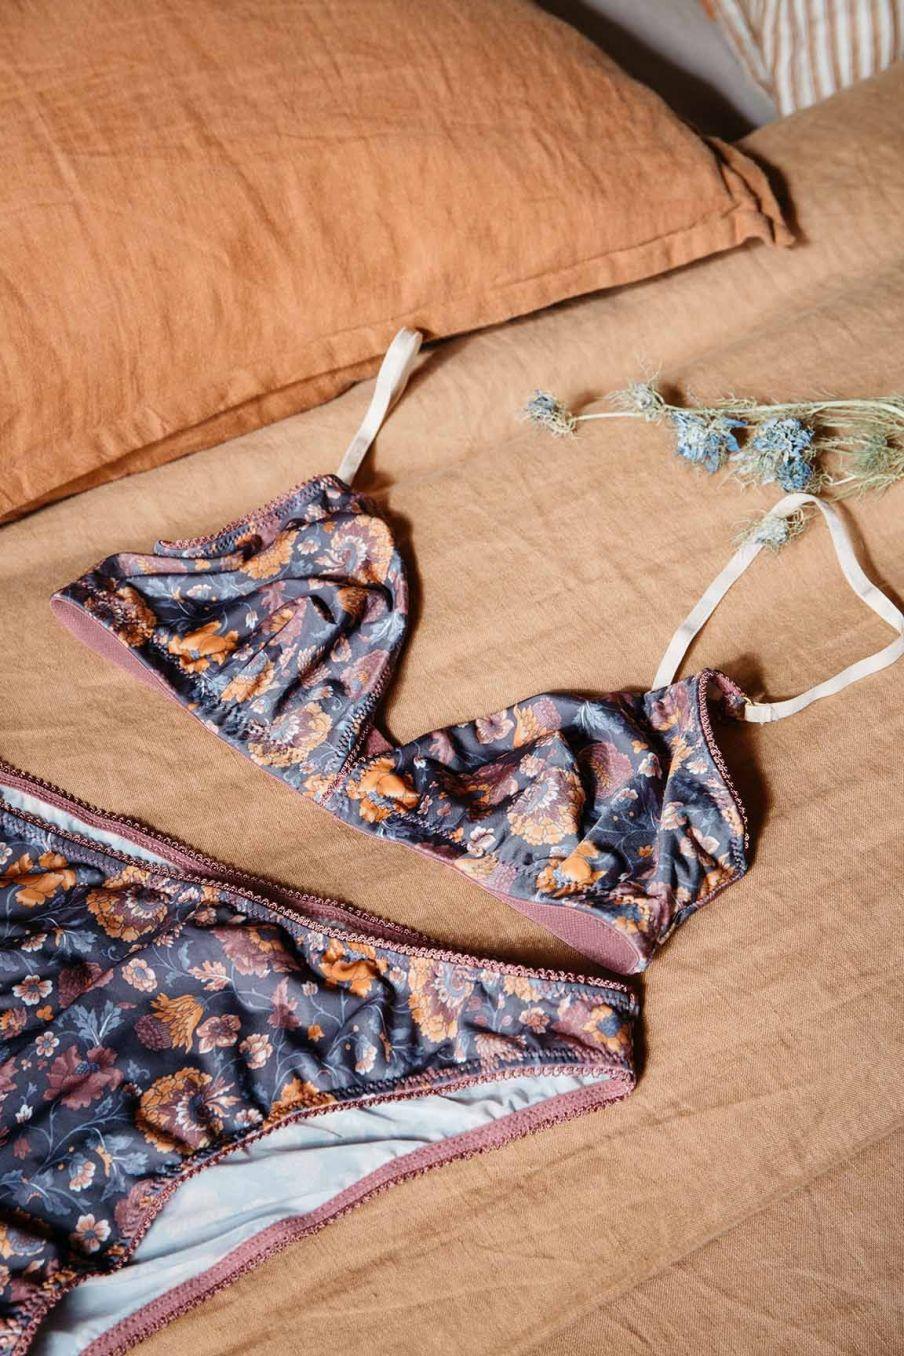 soutien-gorge femme shosha charcoal bohemian flowers - louise misha